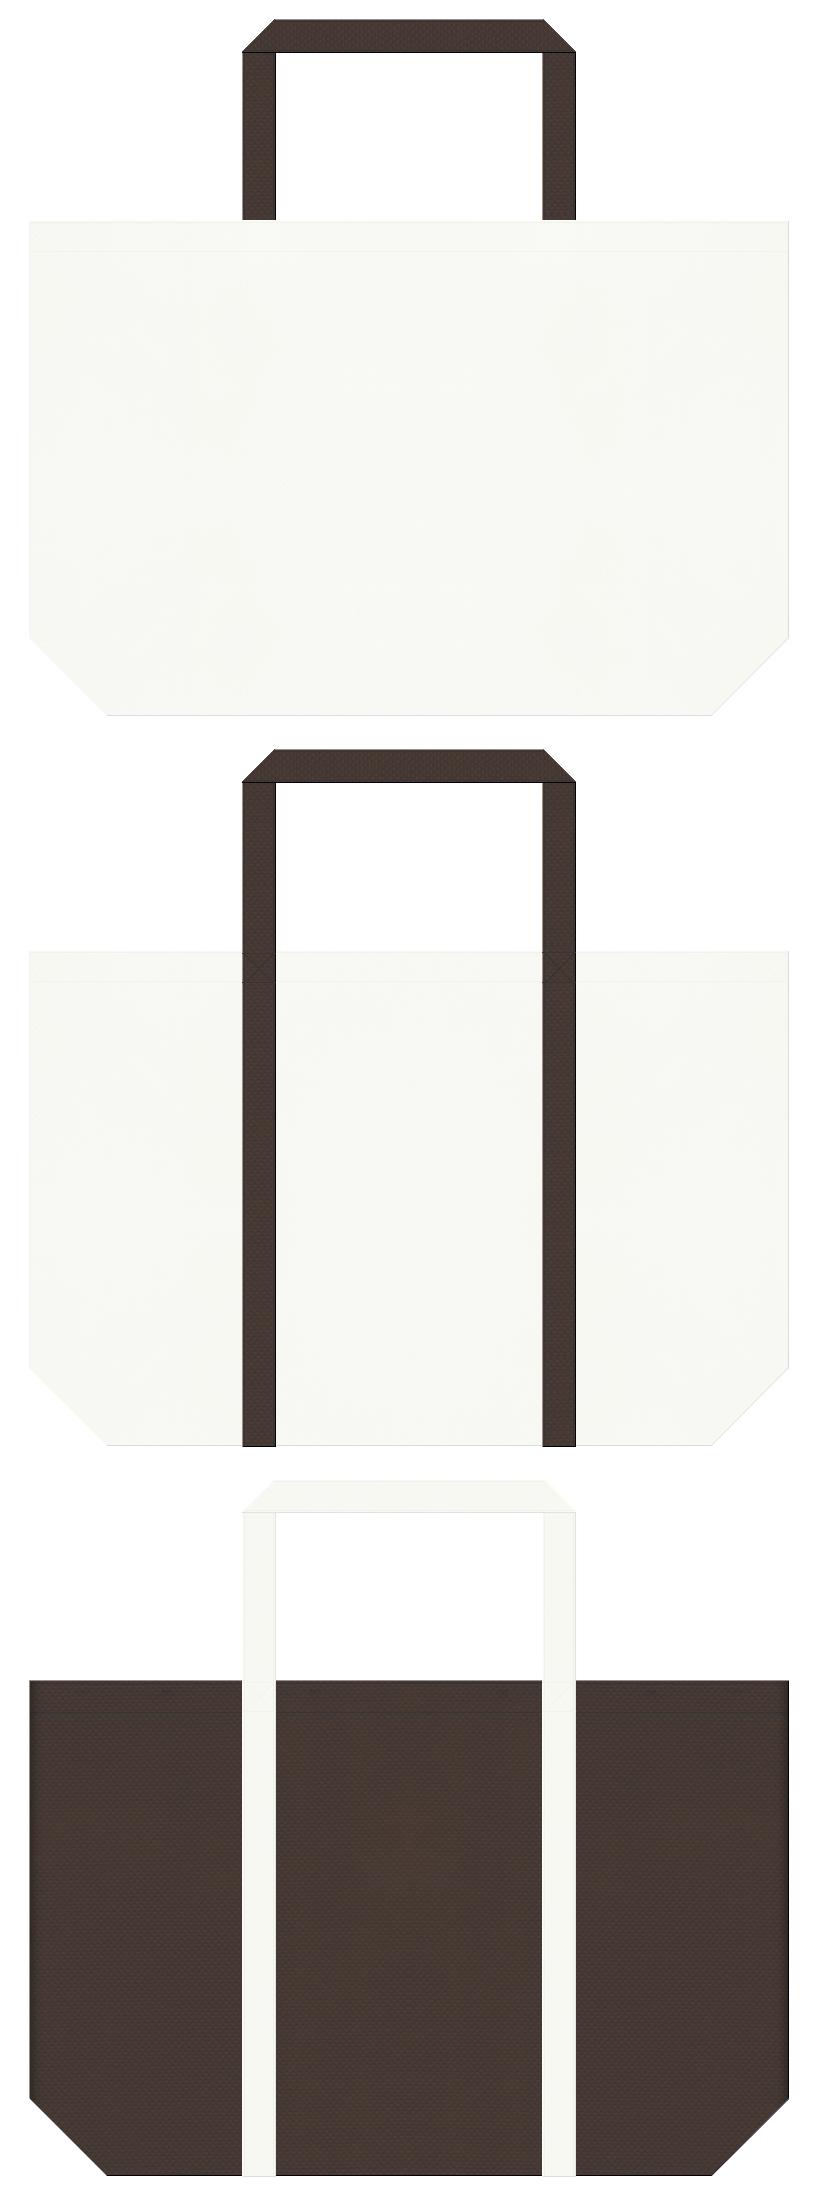 カフェ・ロールケーキ・石窯パン・ベーカリー・生クリーム・乳製品・牧場イベント・エステ・アロマ・バス用品・美容院・ヘアケア・ネイルサロン・ホテル・マンション・オフィスビル・和モダン・和風建築・店舗インテリア・住宅展示場にお奨めの不織布バッグデザイン:オフホワイト色とこげ茶色のコーデ